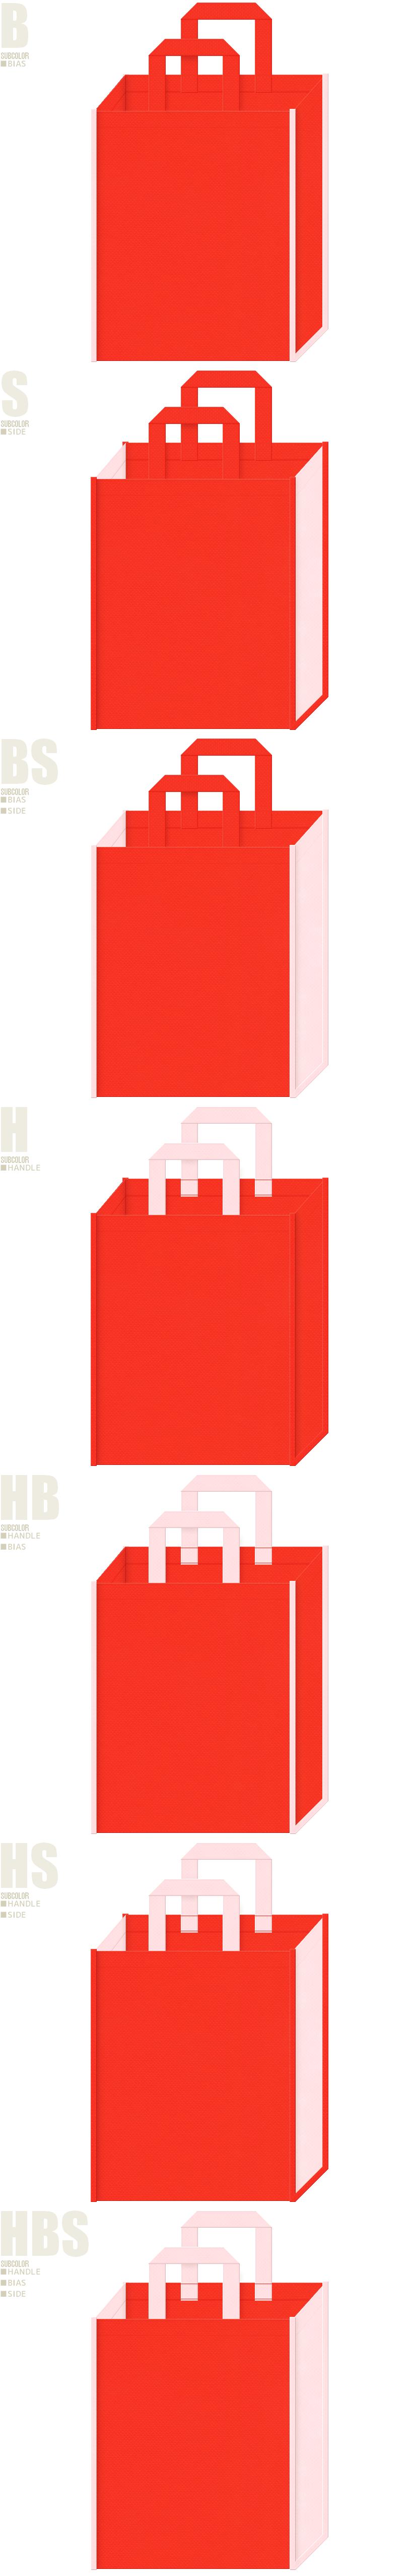 オレンジ色とライトピンク色-7パターンの不織布トートバッグ配色デザイン例